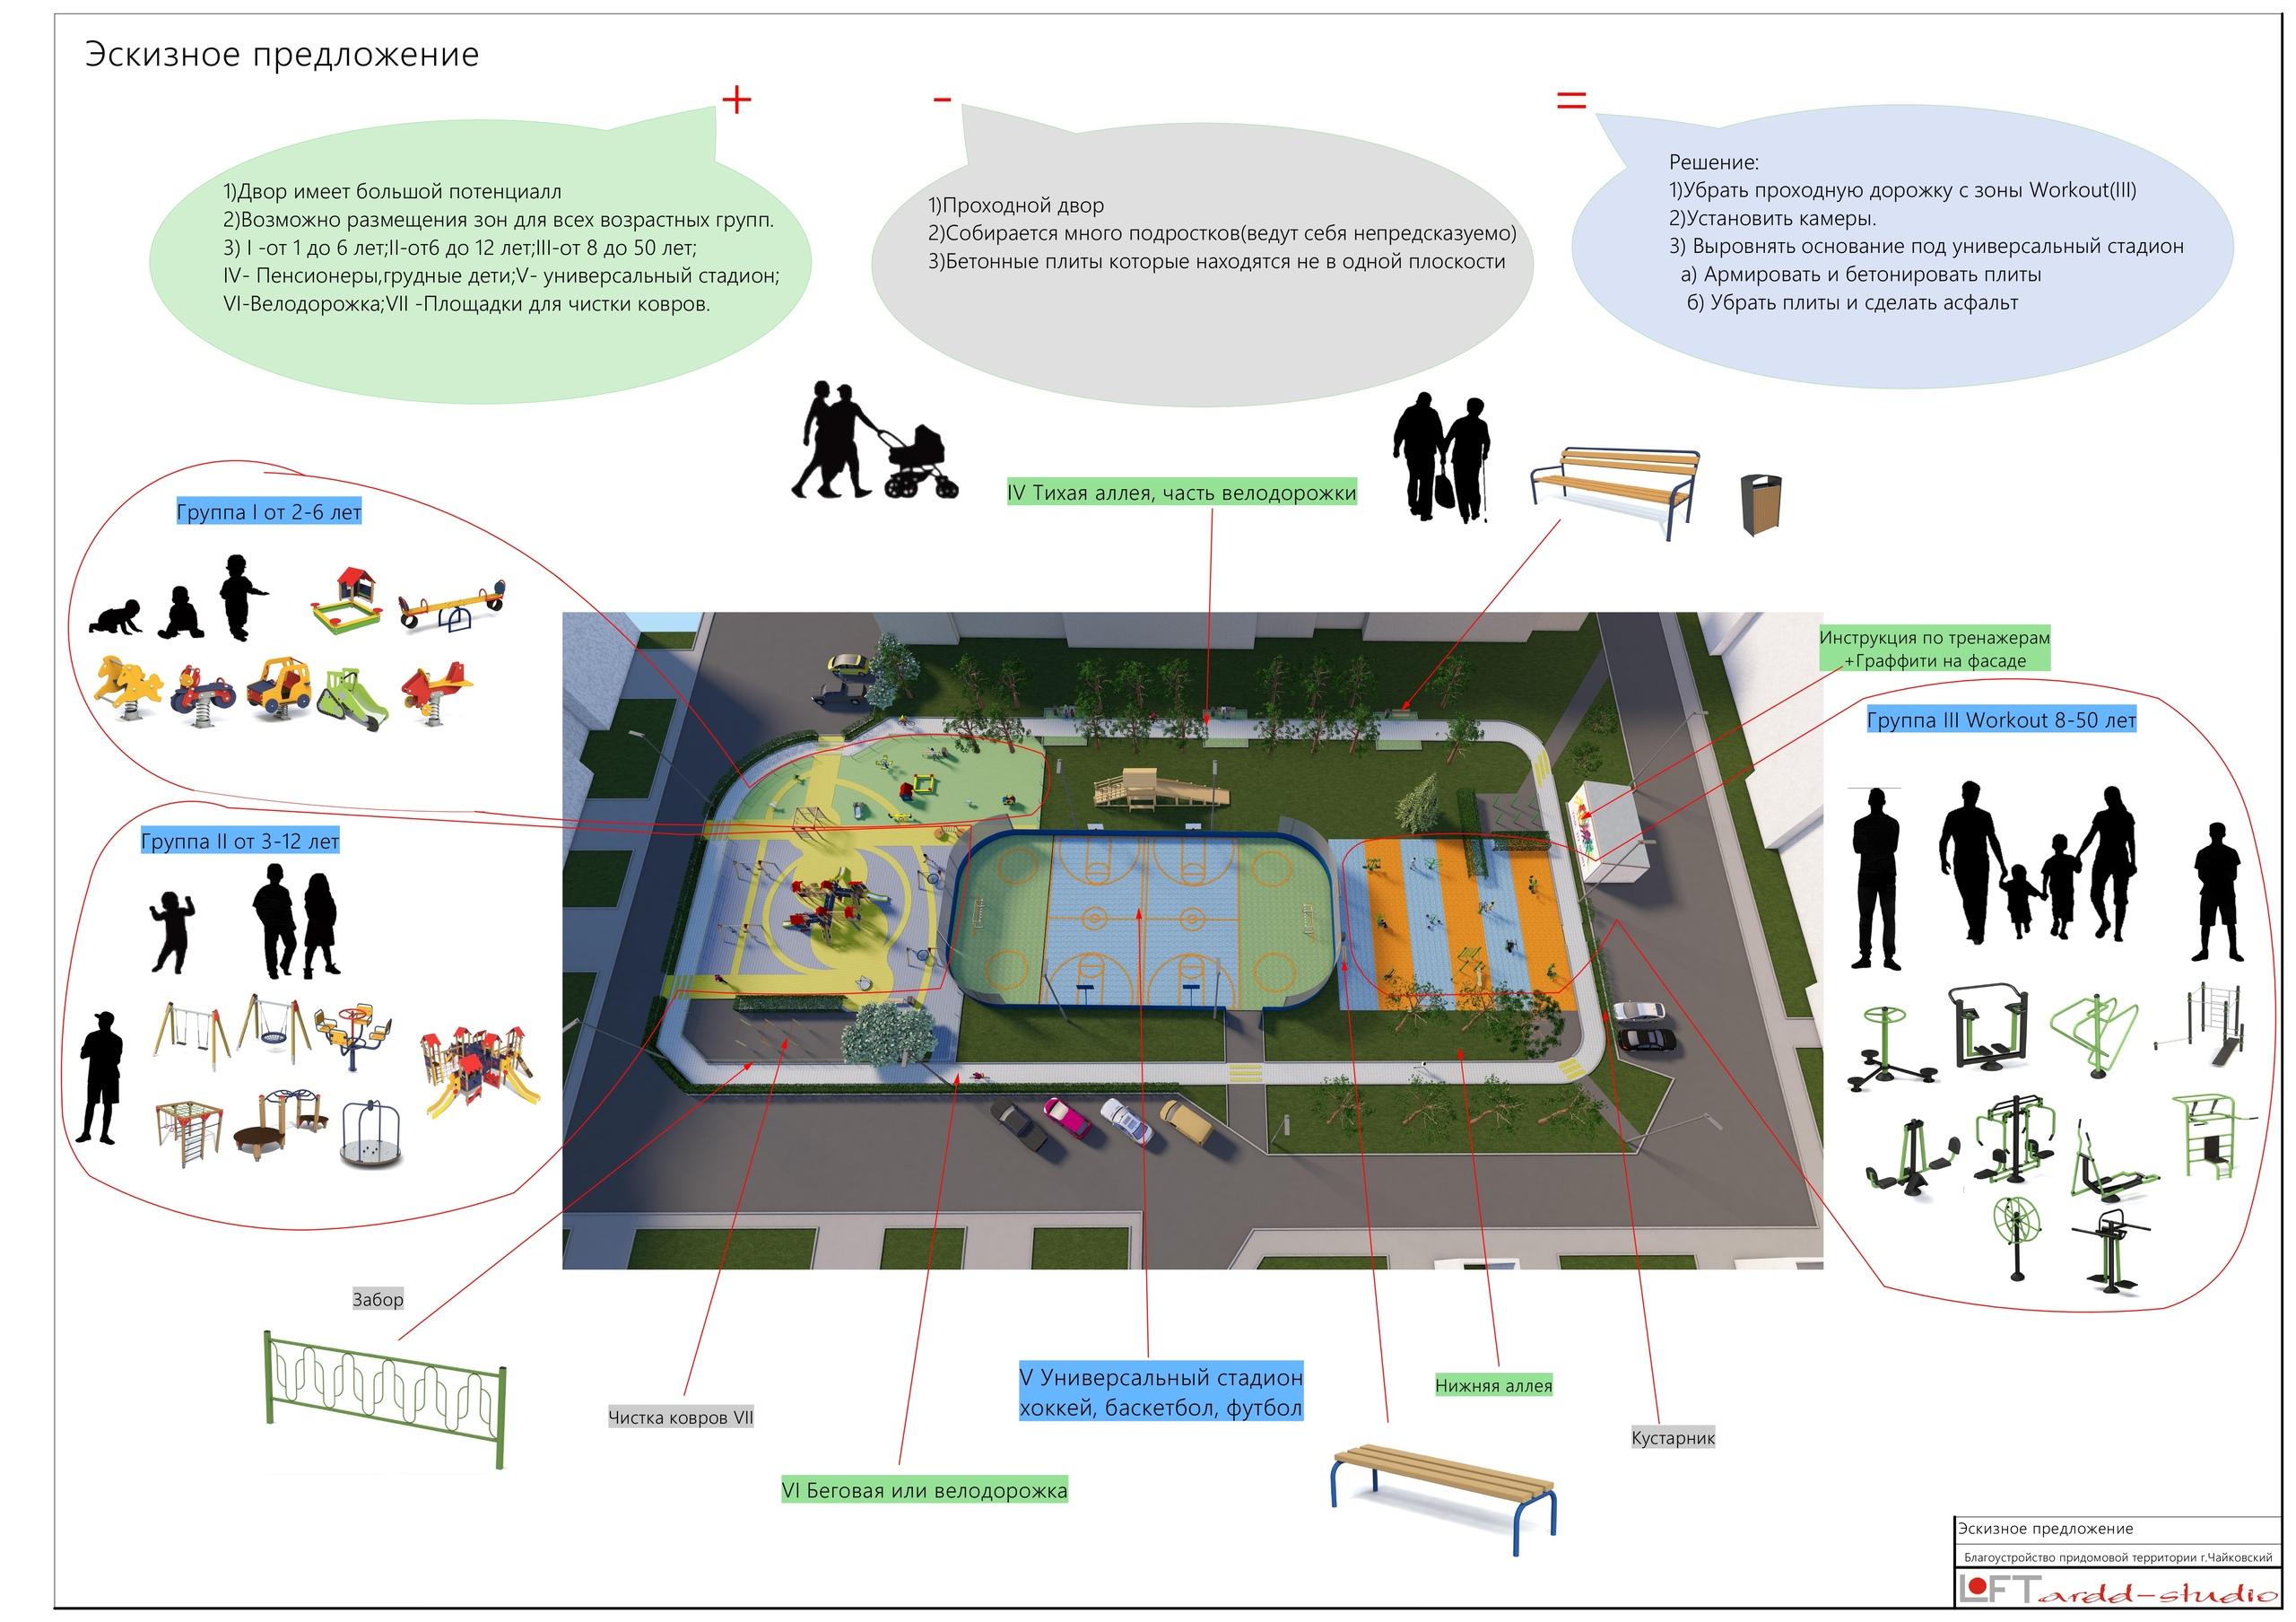 проект площадки, чайковский район, 2019 год